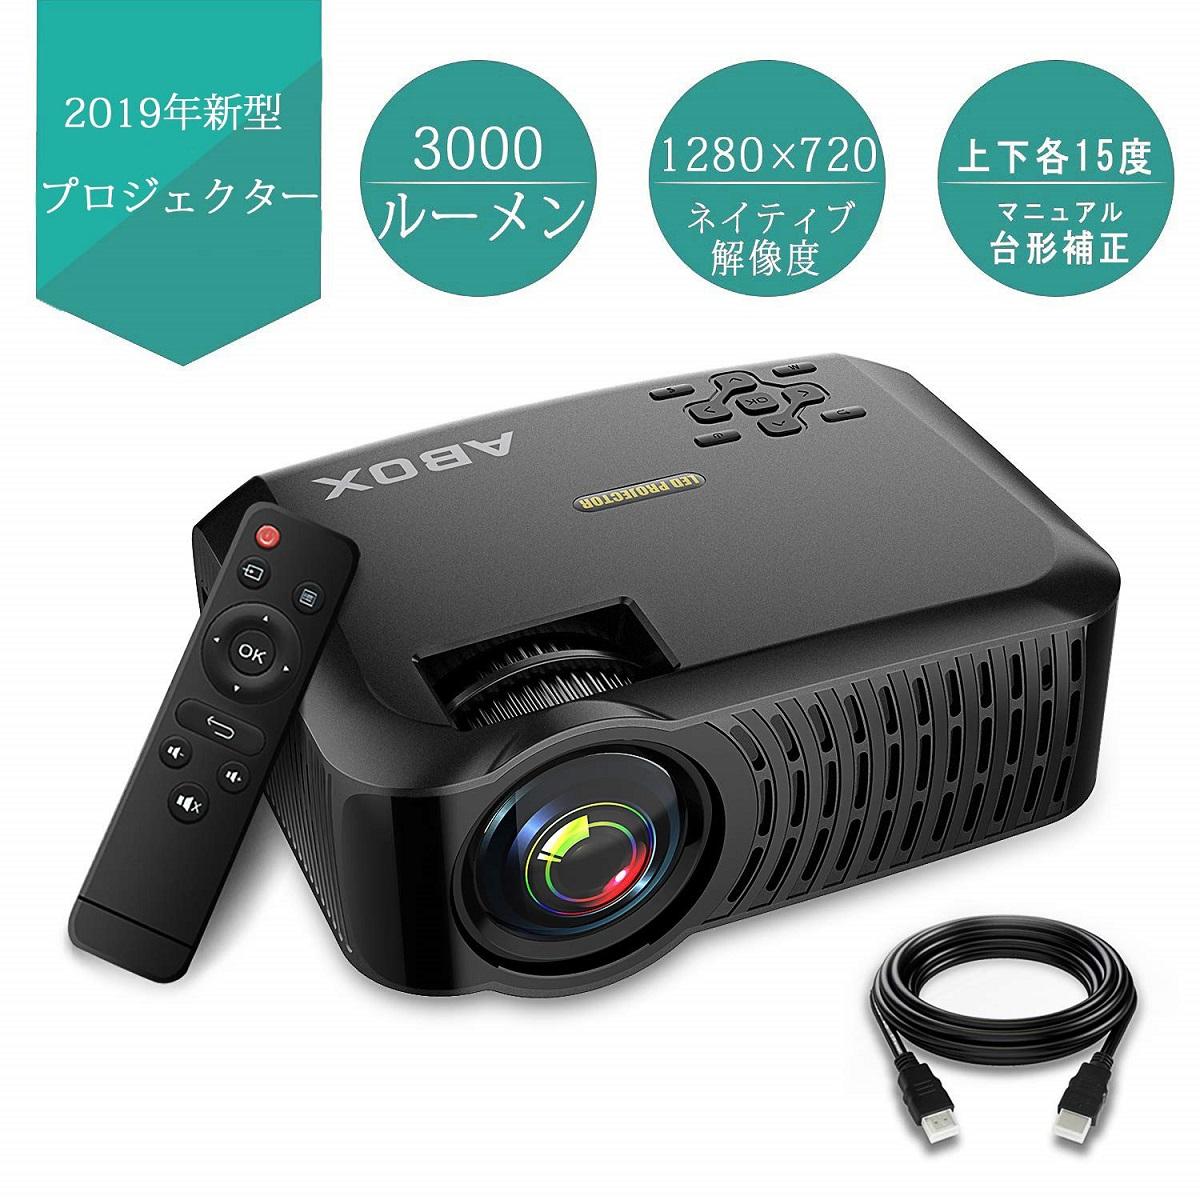 ABOX プロジェクター 小型 1080*720P 短焦点 3000ルーメン HDMI対応 1080pフルHD対応 台形補正 ピント合わせ 2つ内蔵スピーカー スマホ/パソコン/タブレット/ゲーム機/DVDプレイヤー/メモリーカードなど接続可能